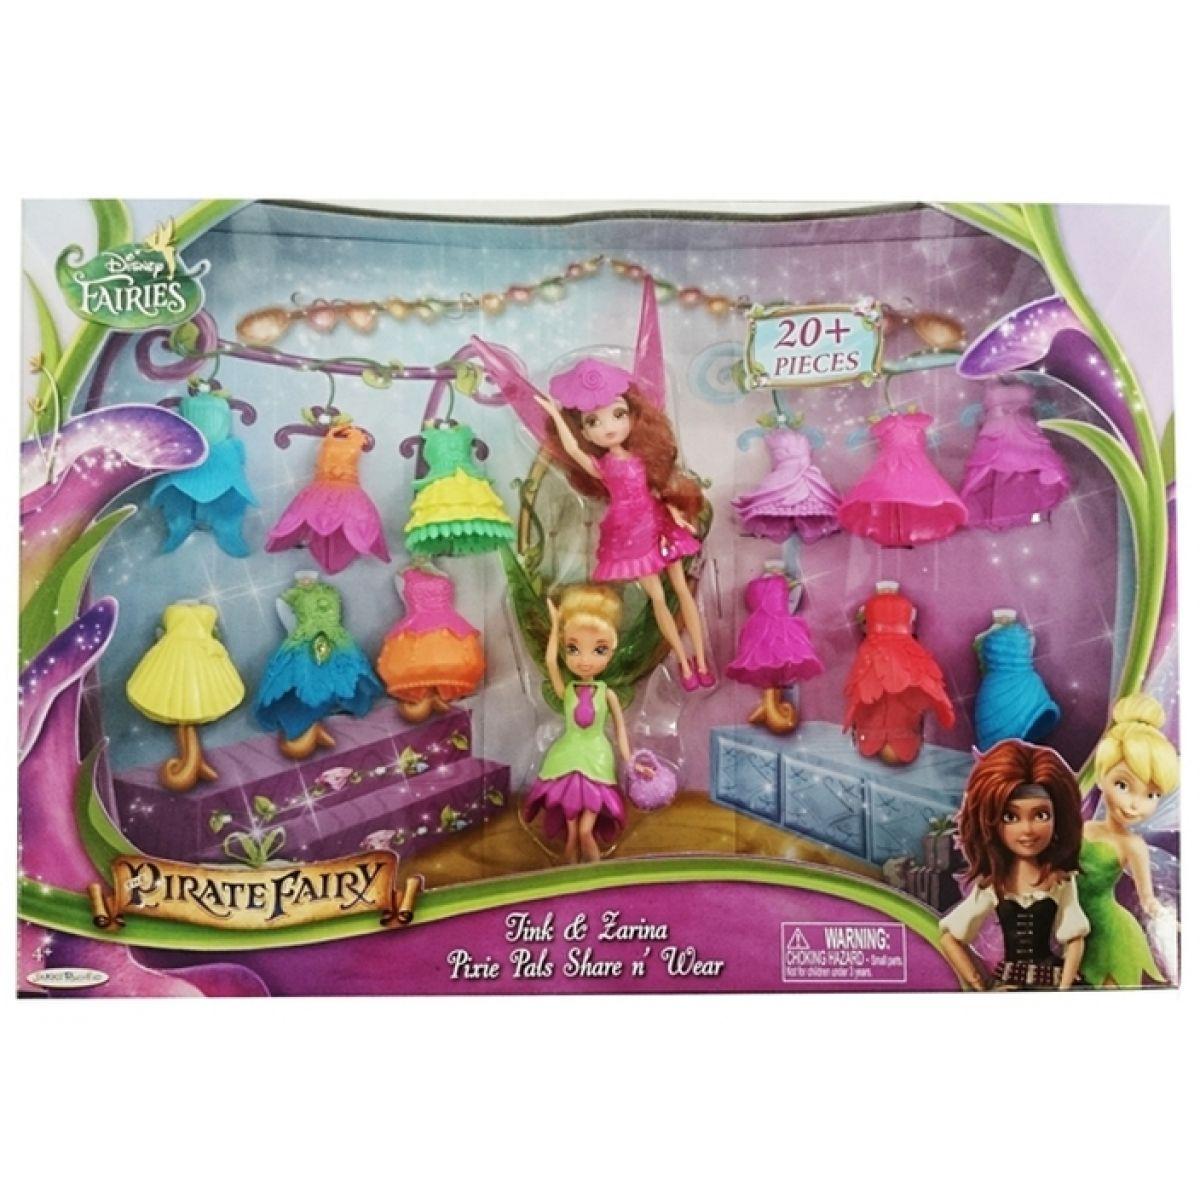 Disney Víly: 11 cm panenka a modní doplňky 2v1 - Zvonilka a Zarina